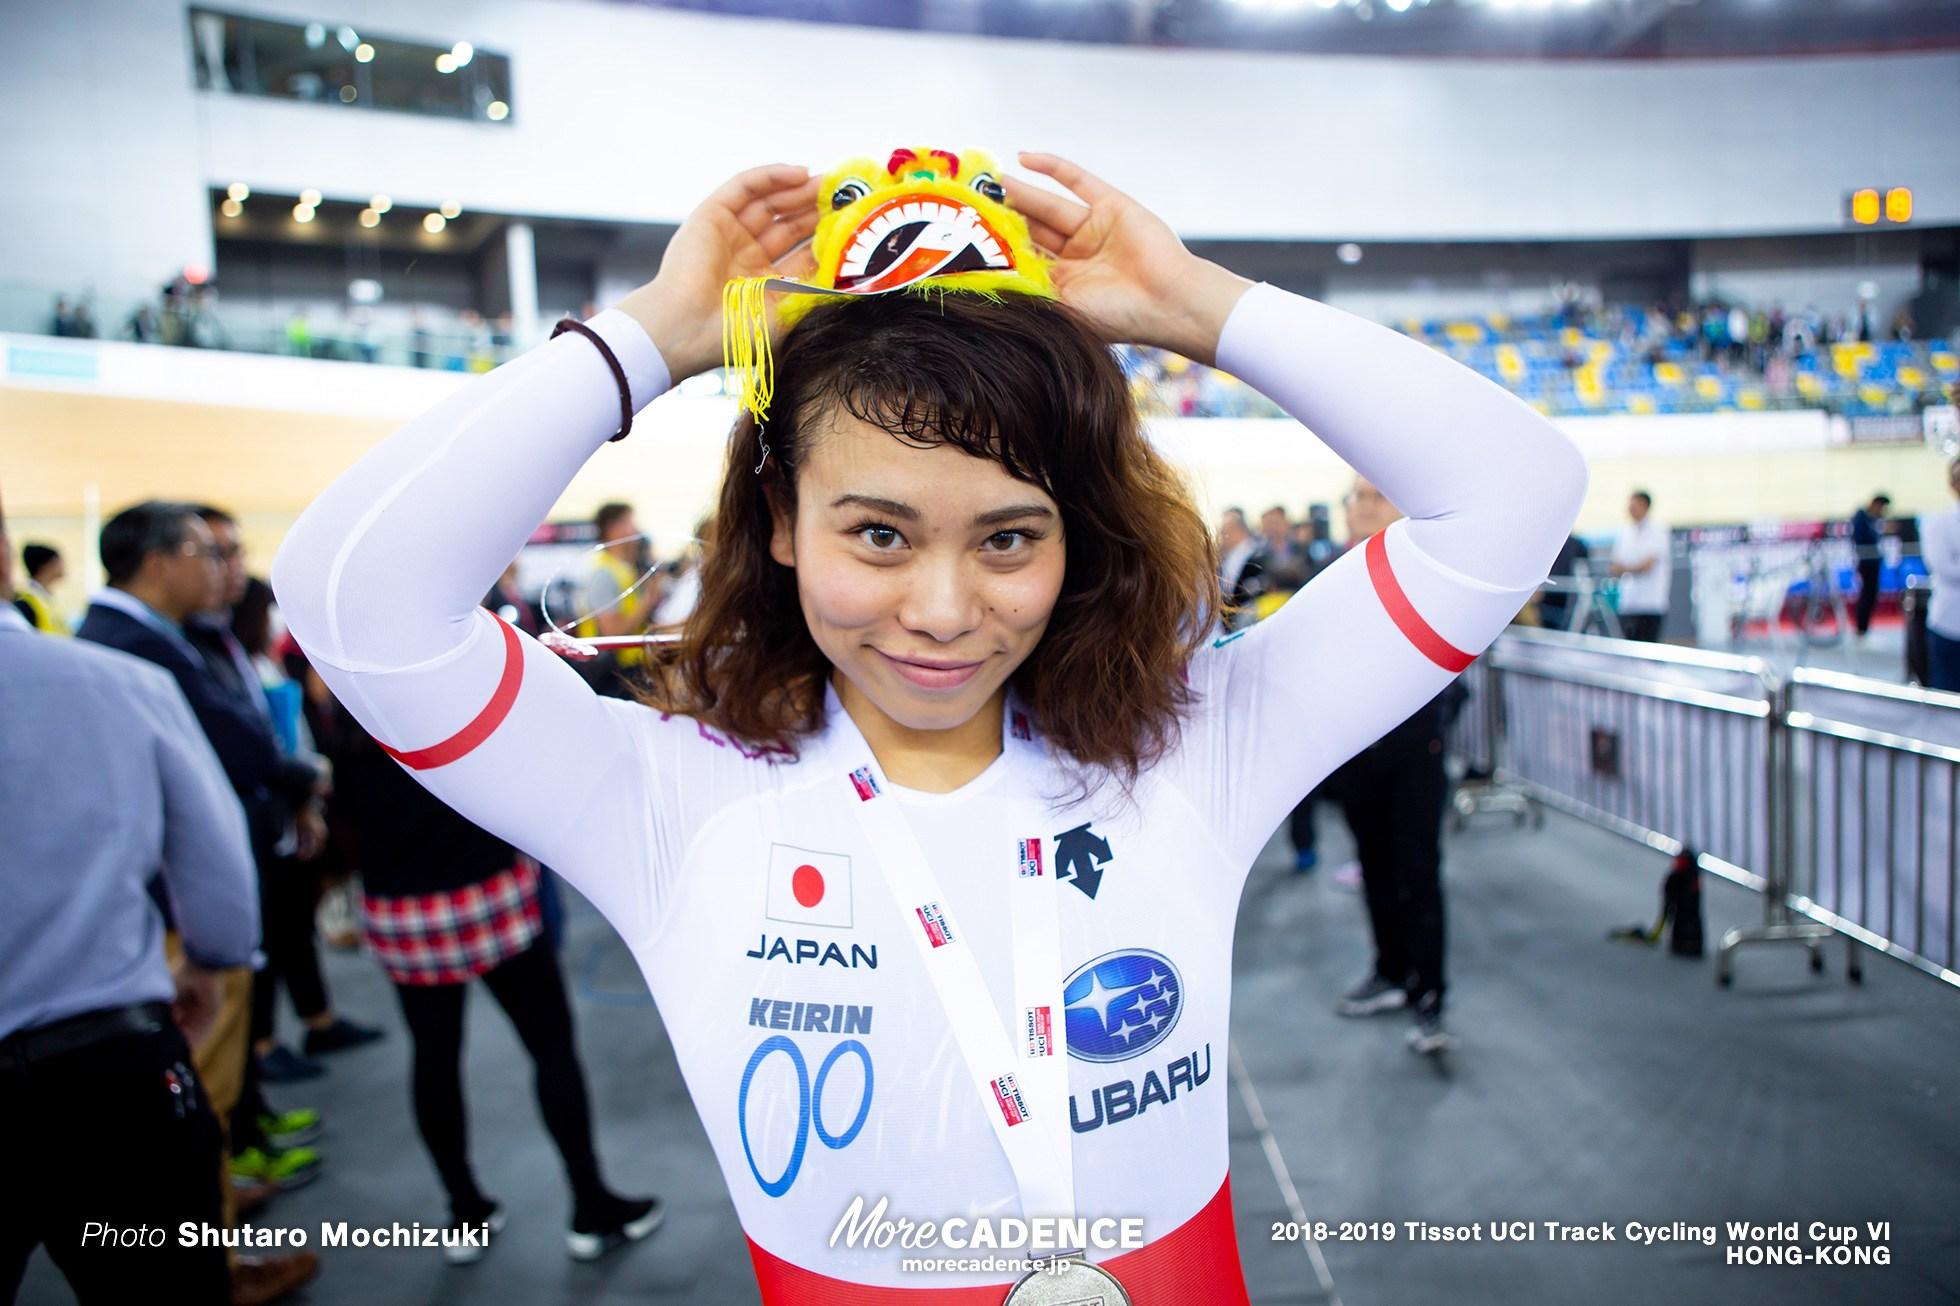 2018-19 トラックW杯】香港 女子競輪にて太田2位、銀メダル獲得